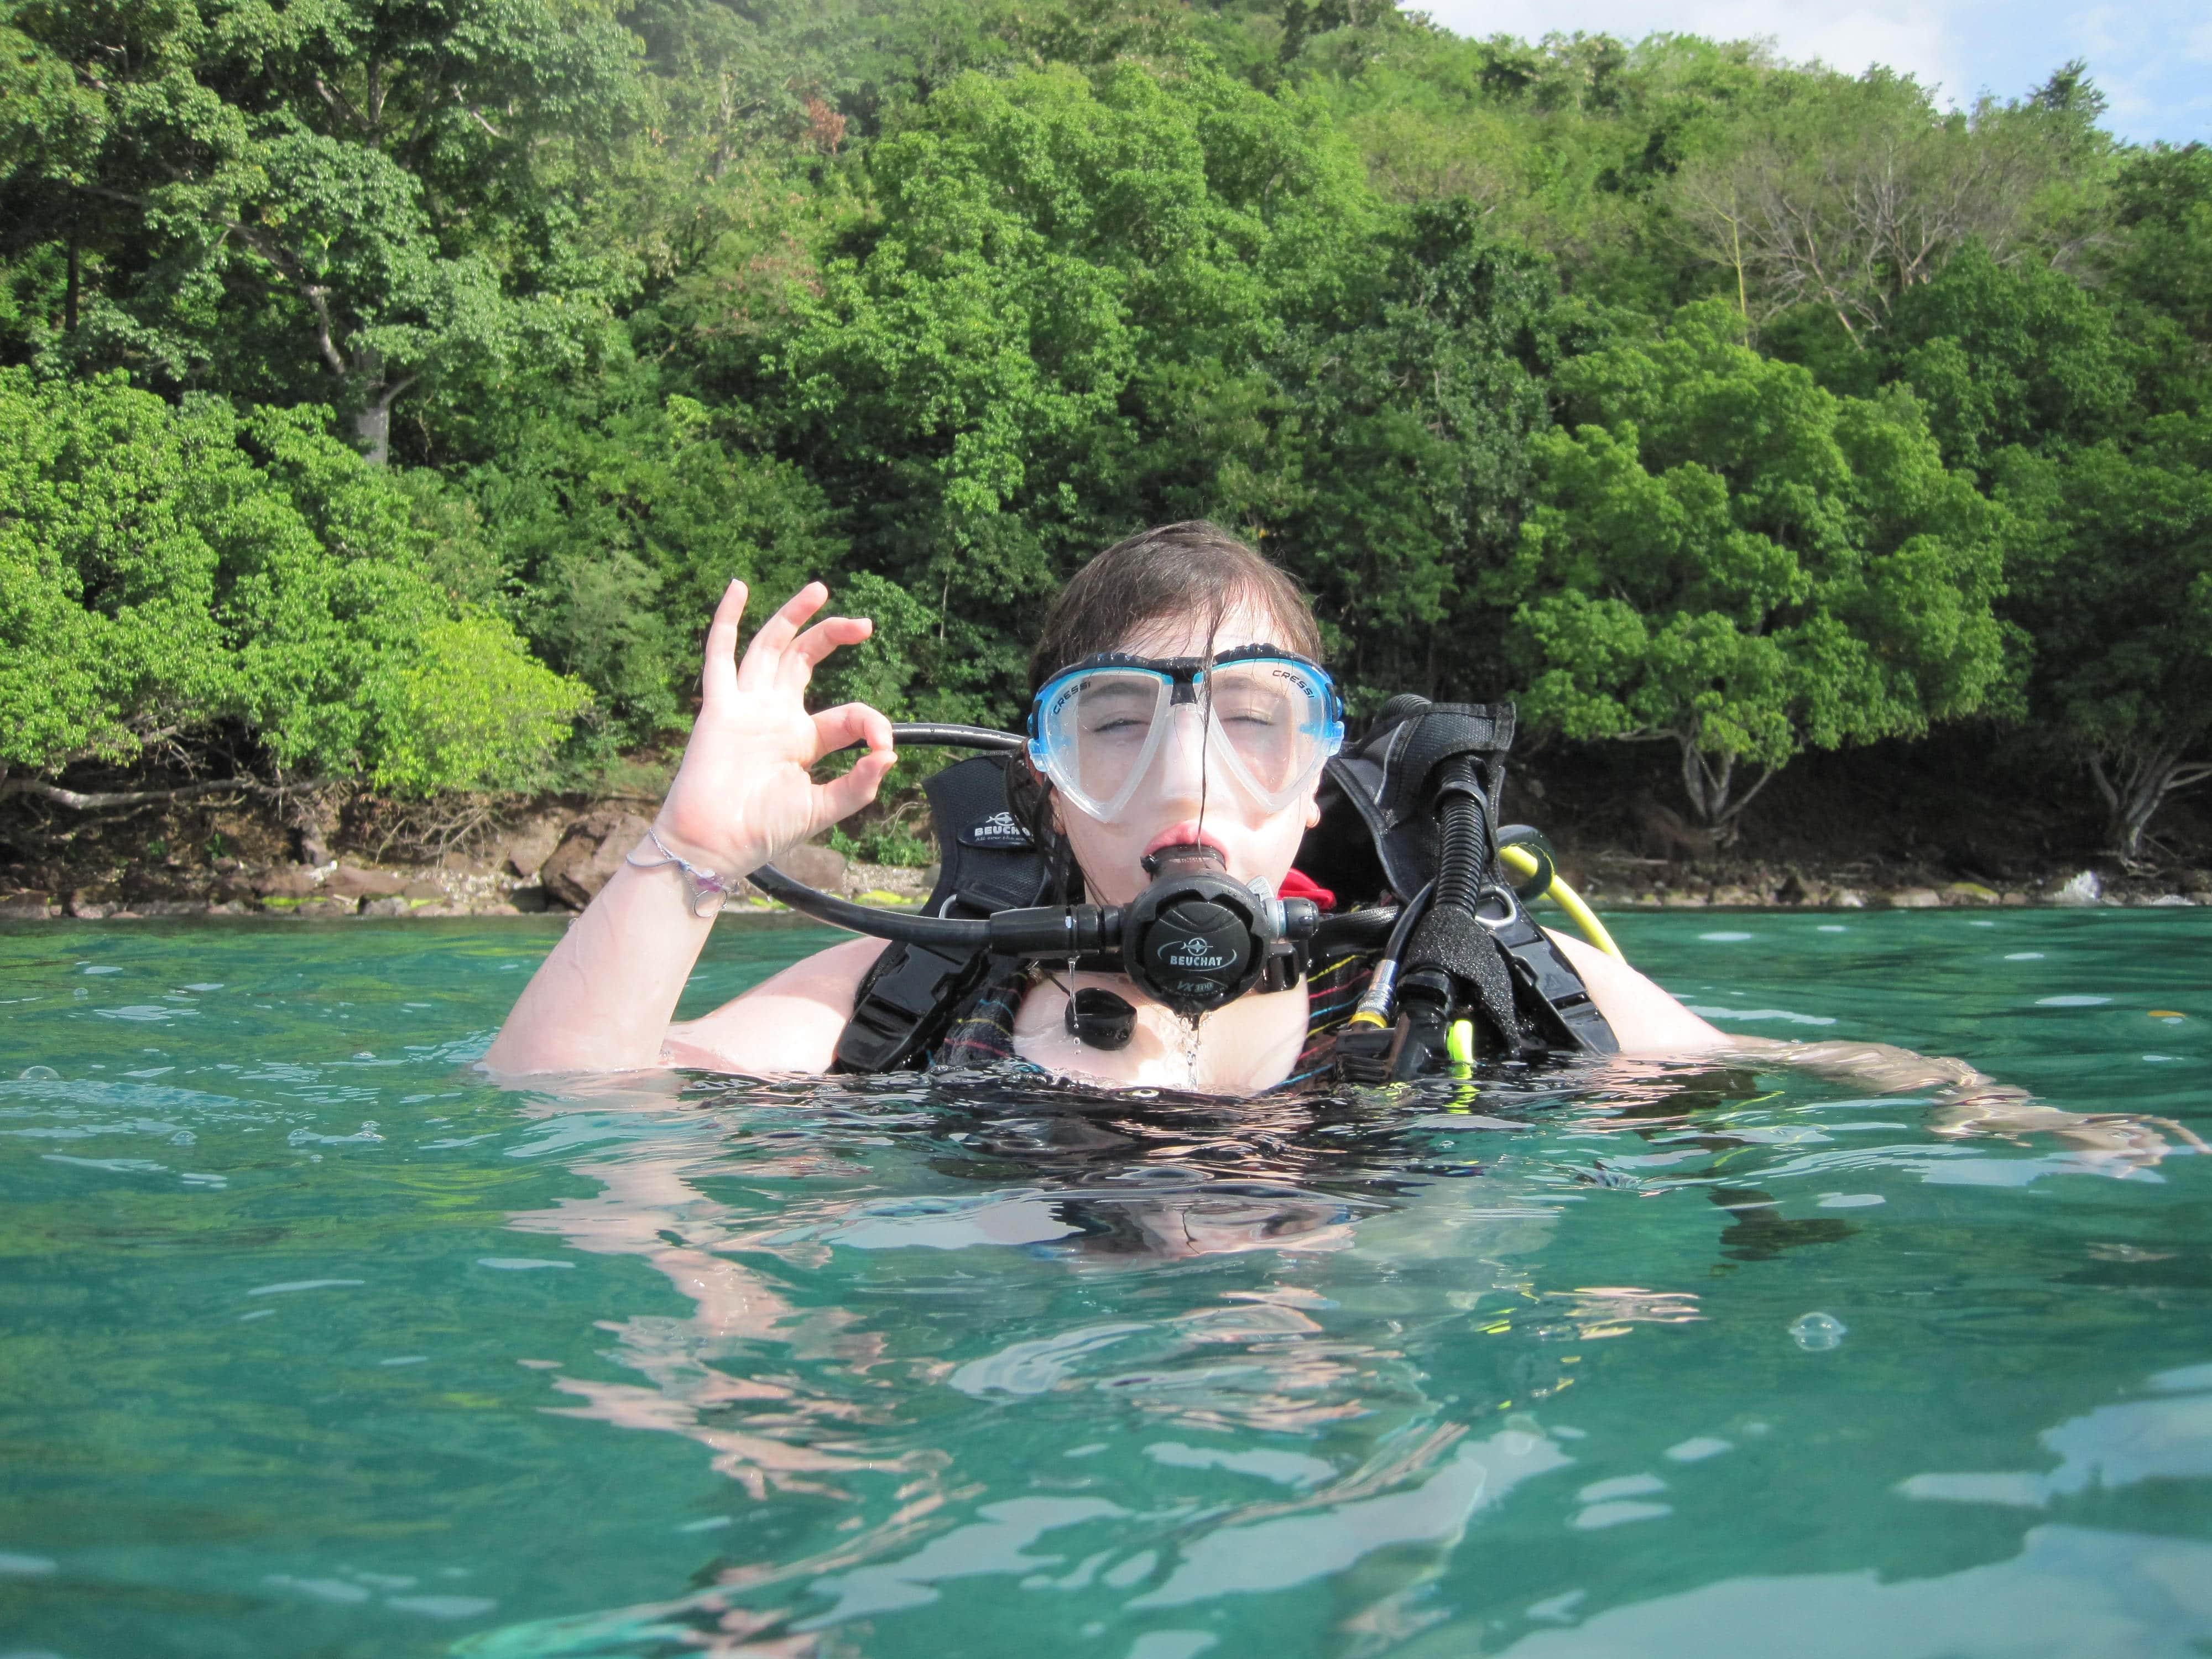 Femme dans l'eau en tenue de plongée - Skippair